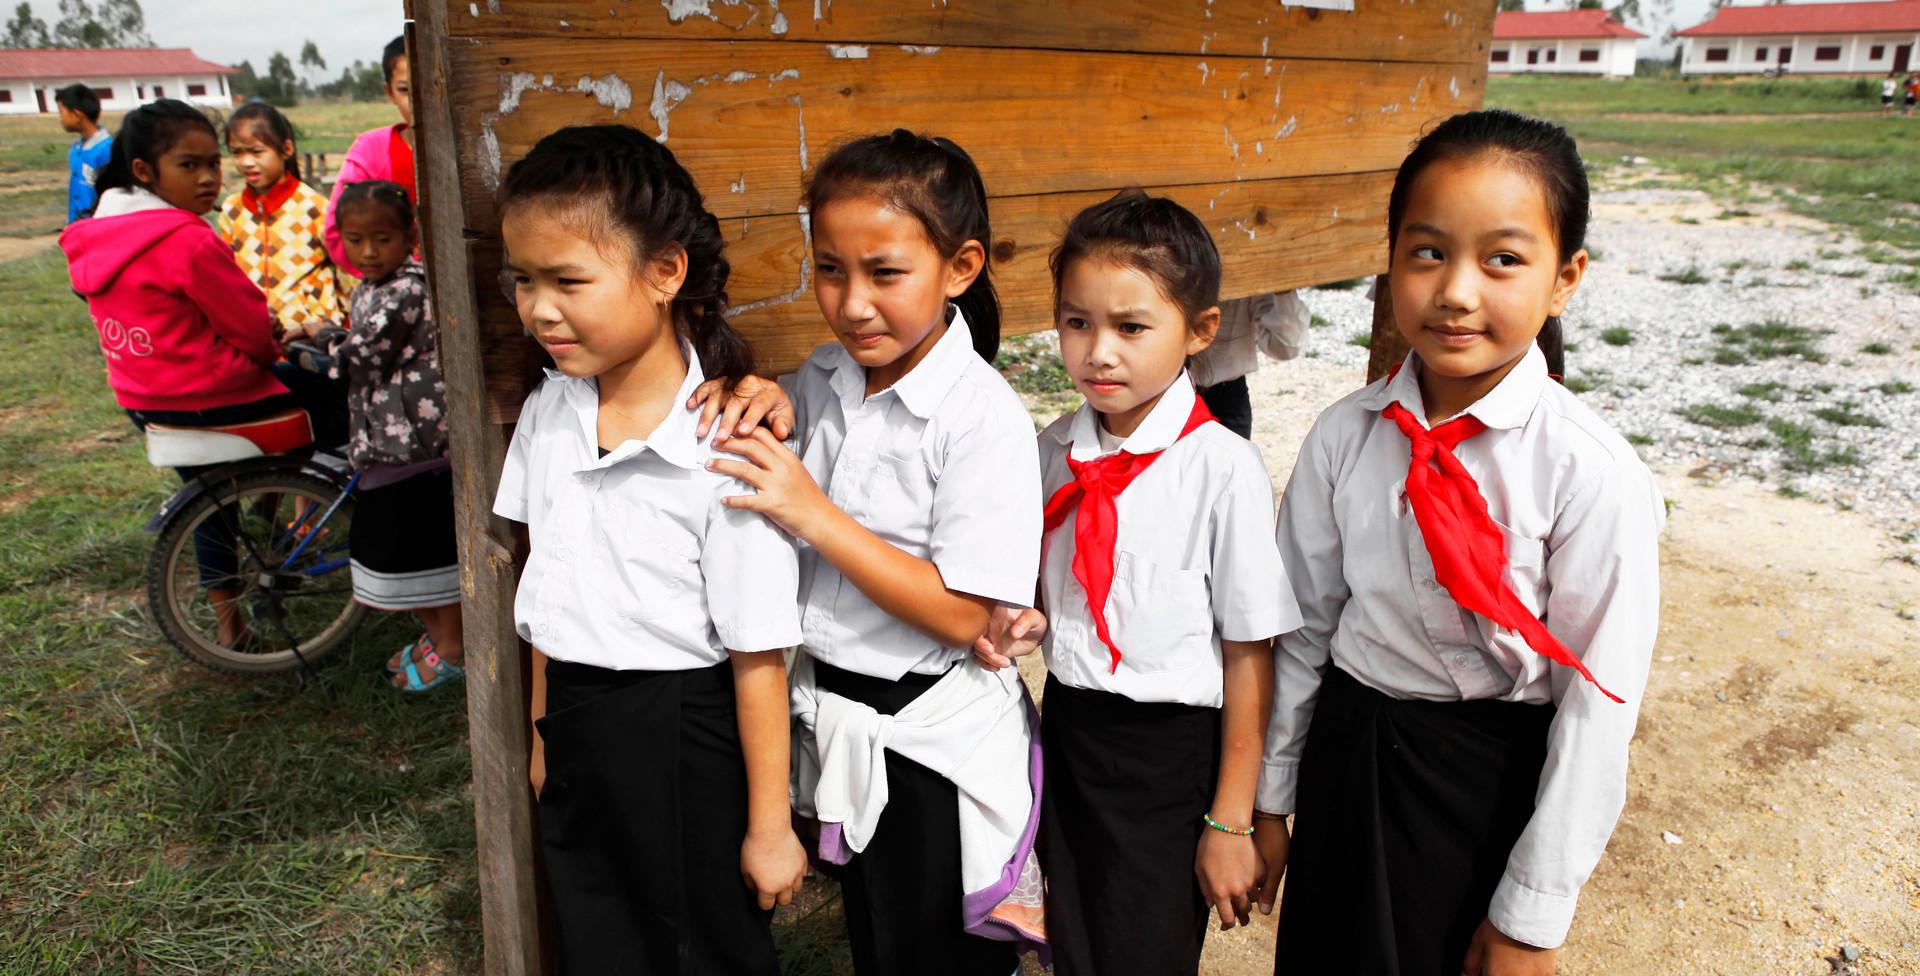 라오스 씨엥쾅주 세일롬학교 학생들.JPG